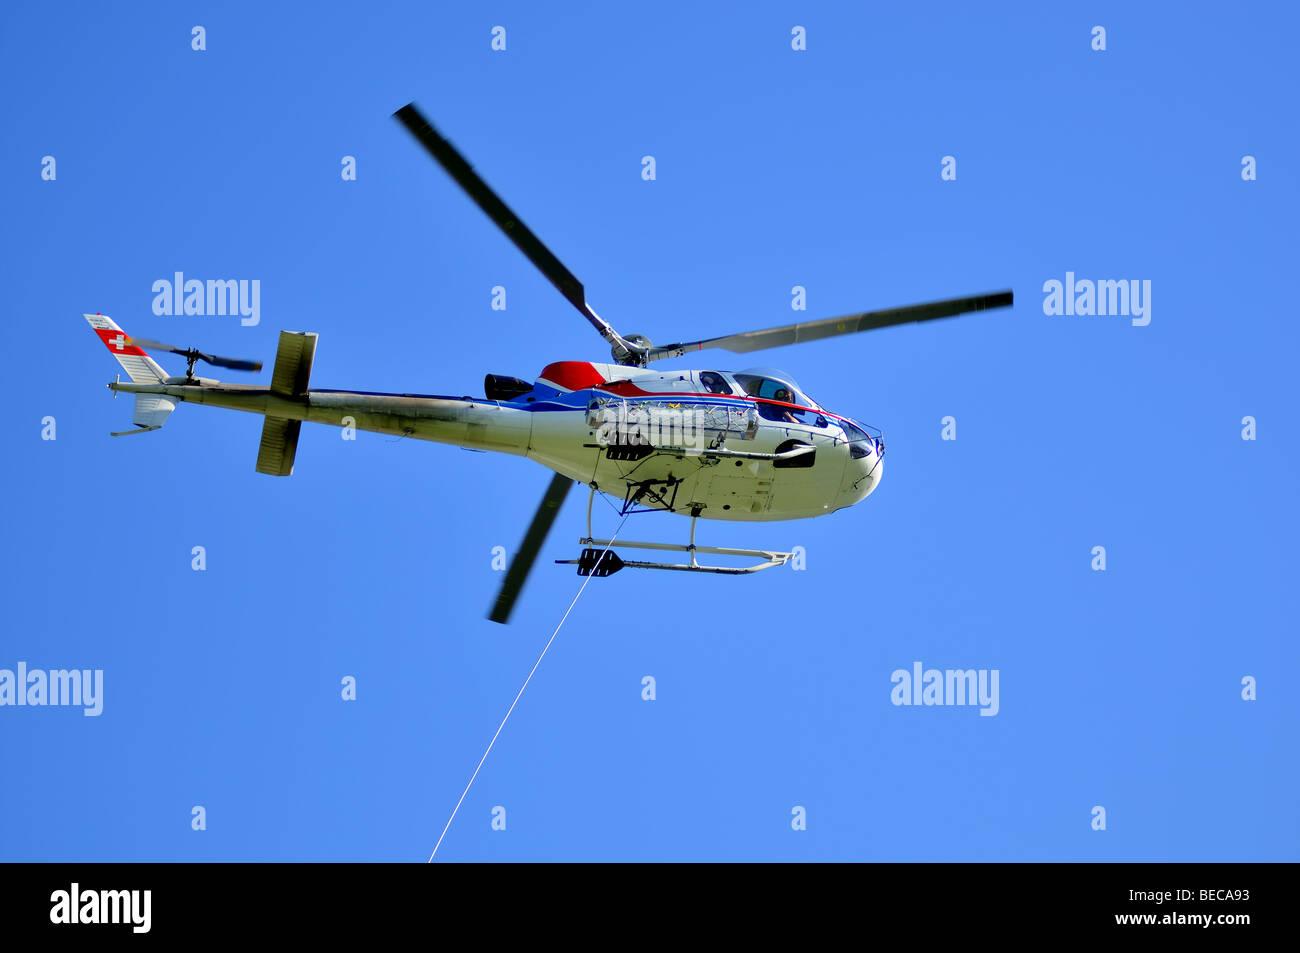 Helicóptero y el cable de remolque Foto de stock